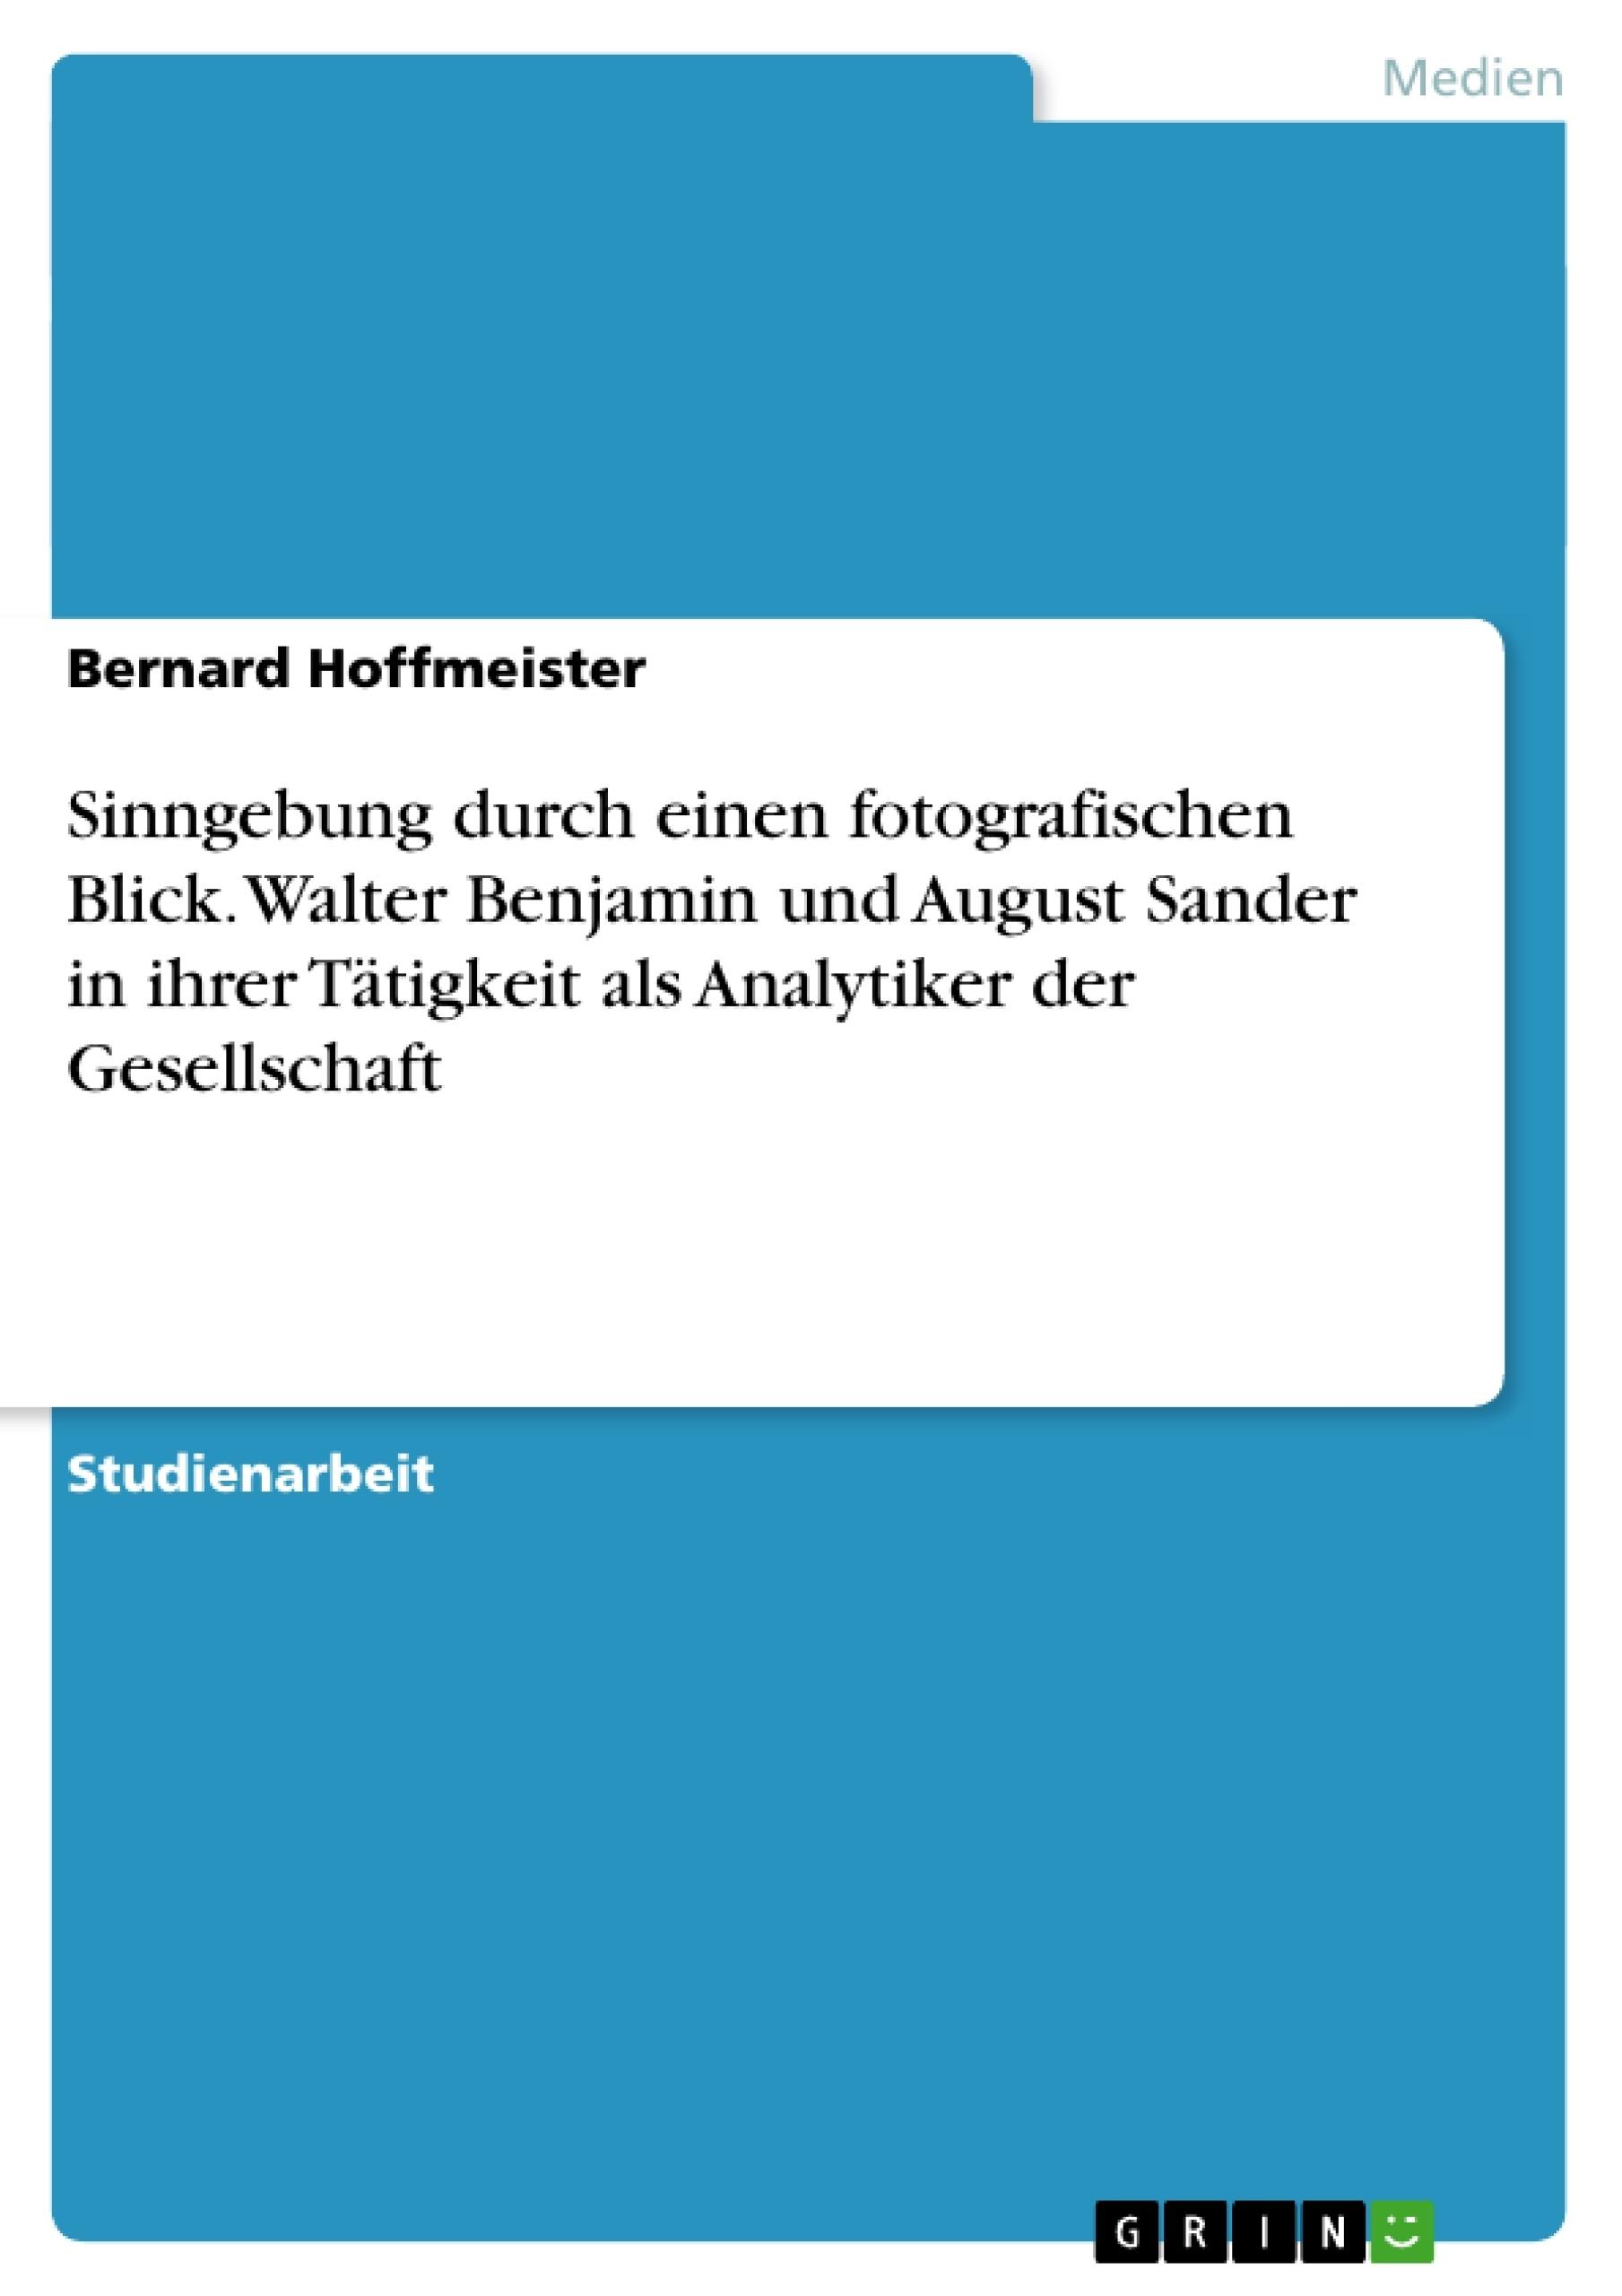 Titel: Sinngebung durch einen fotografischen Blick. Walter Benjamin und August Sander in ihrer Tätigkeit als Analytiker der Gesellschaft